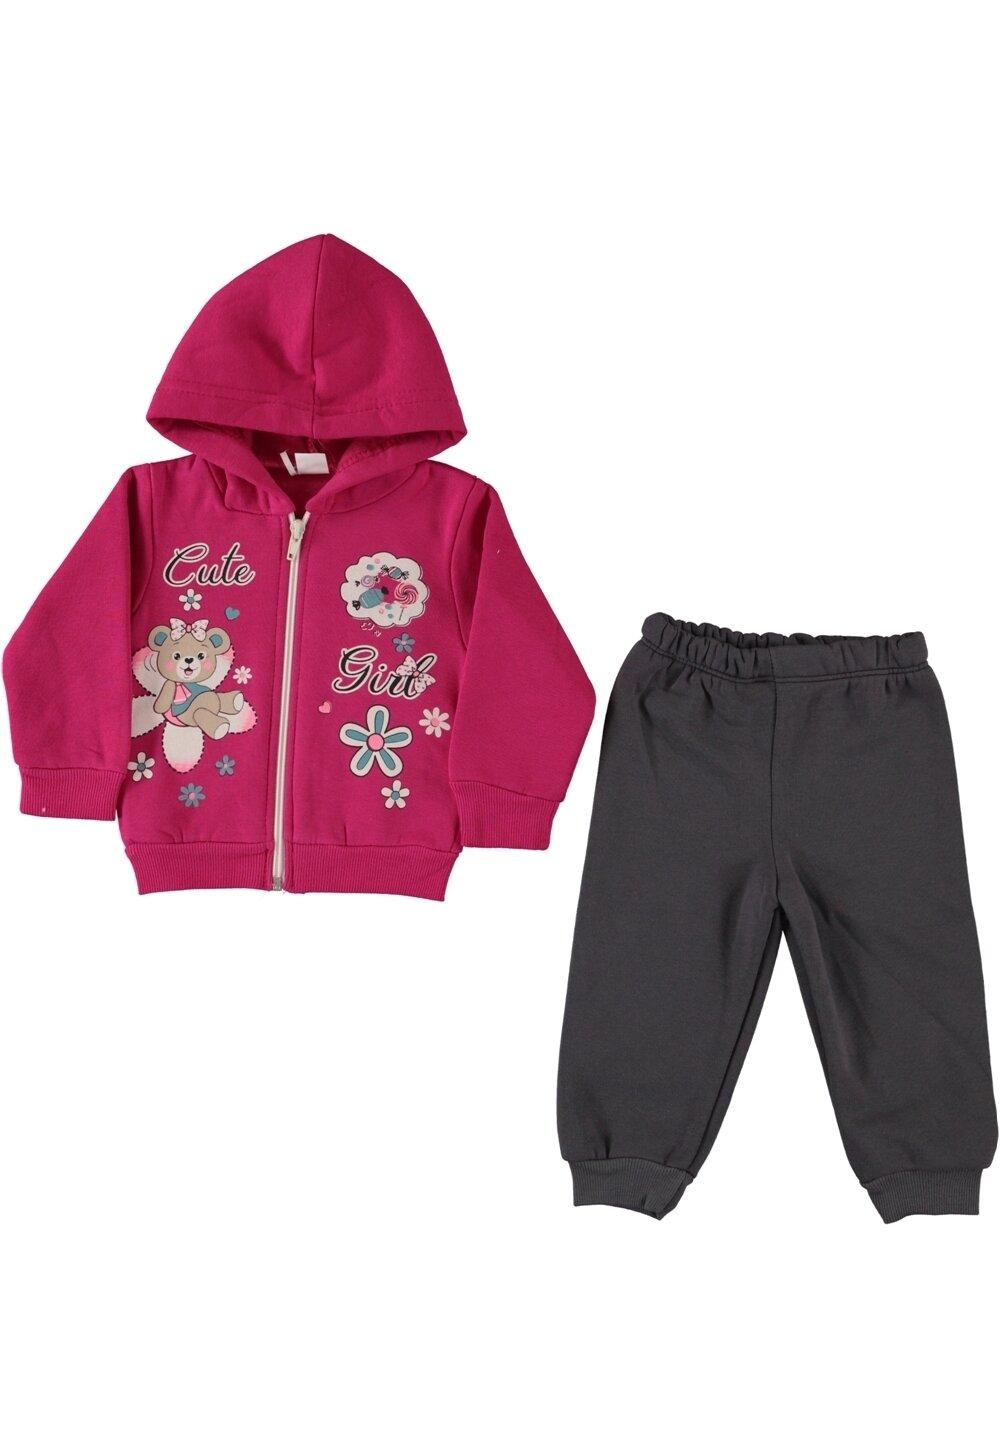 Trening fete, Cute, roz inchis cu floricele imagine